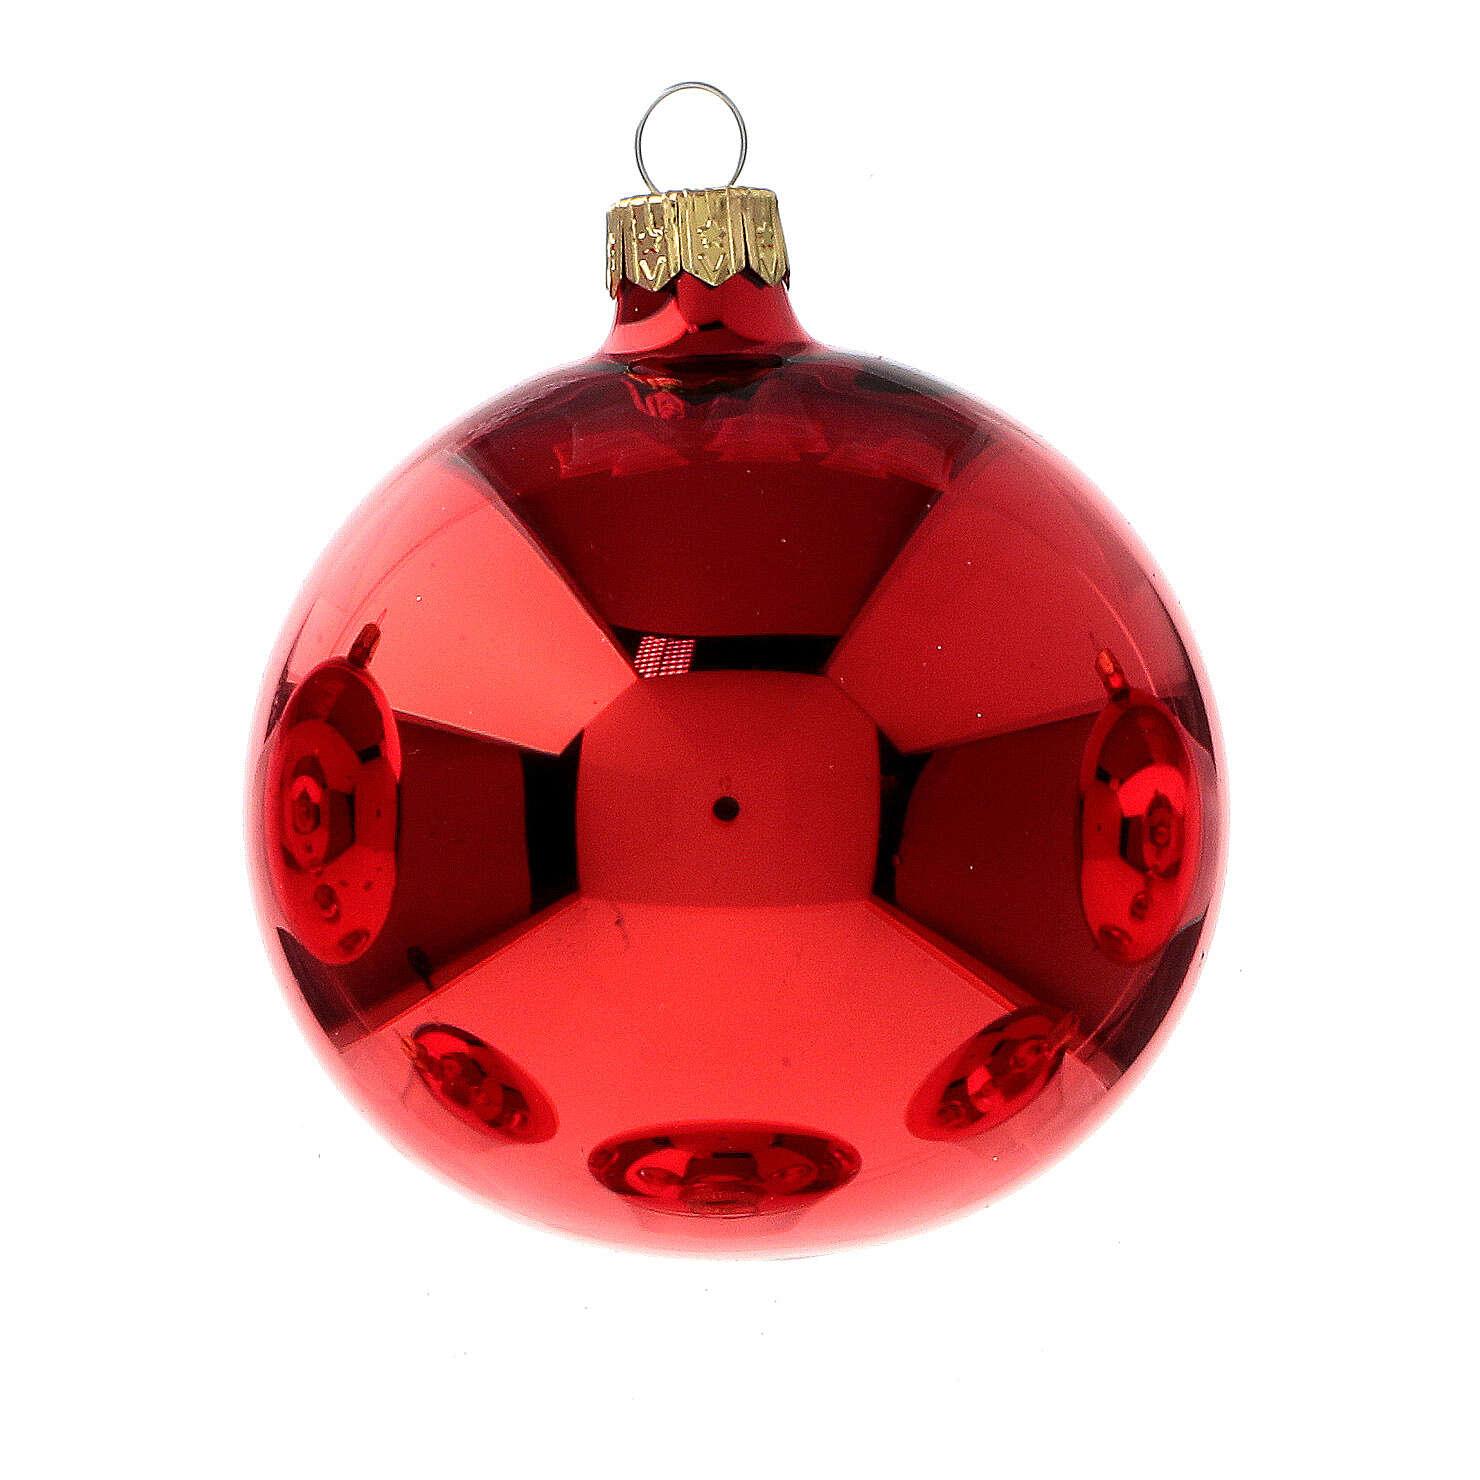 Bolas árvore de Natal vidro soprado vermelho polido 80 mm 6 unidades 4